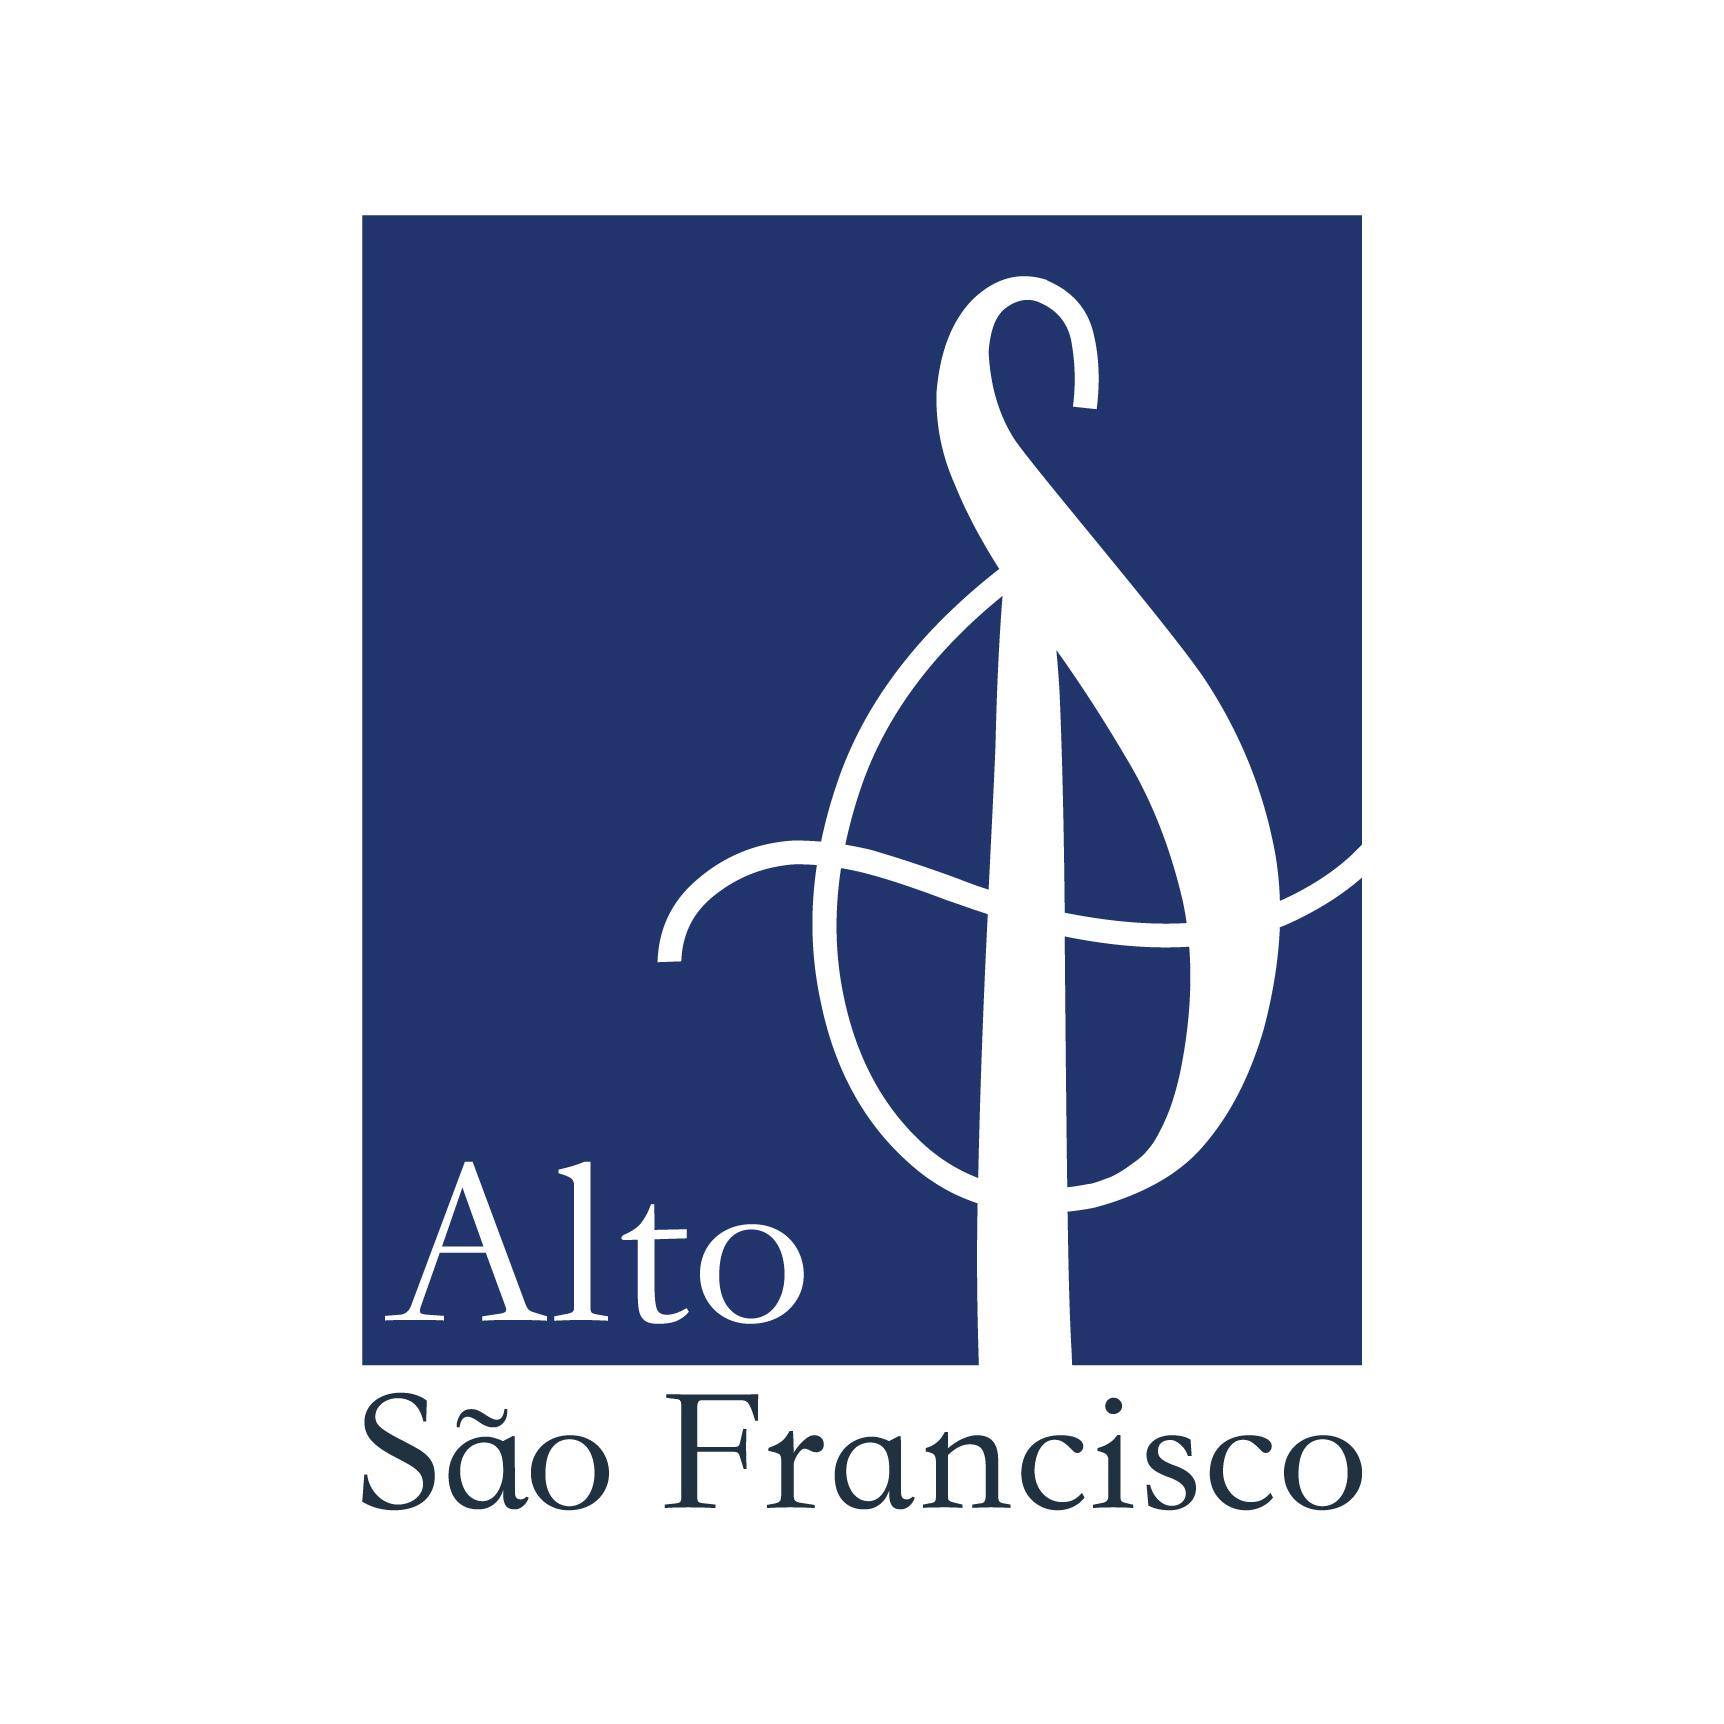 Logotipo Empreendimento Alto São Francisco | Apartamentos à venda | Tenda.com.br